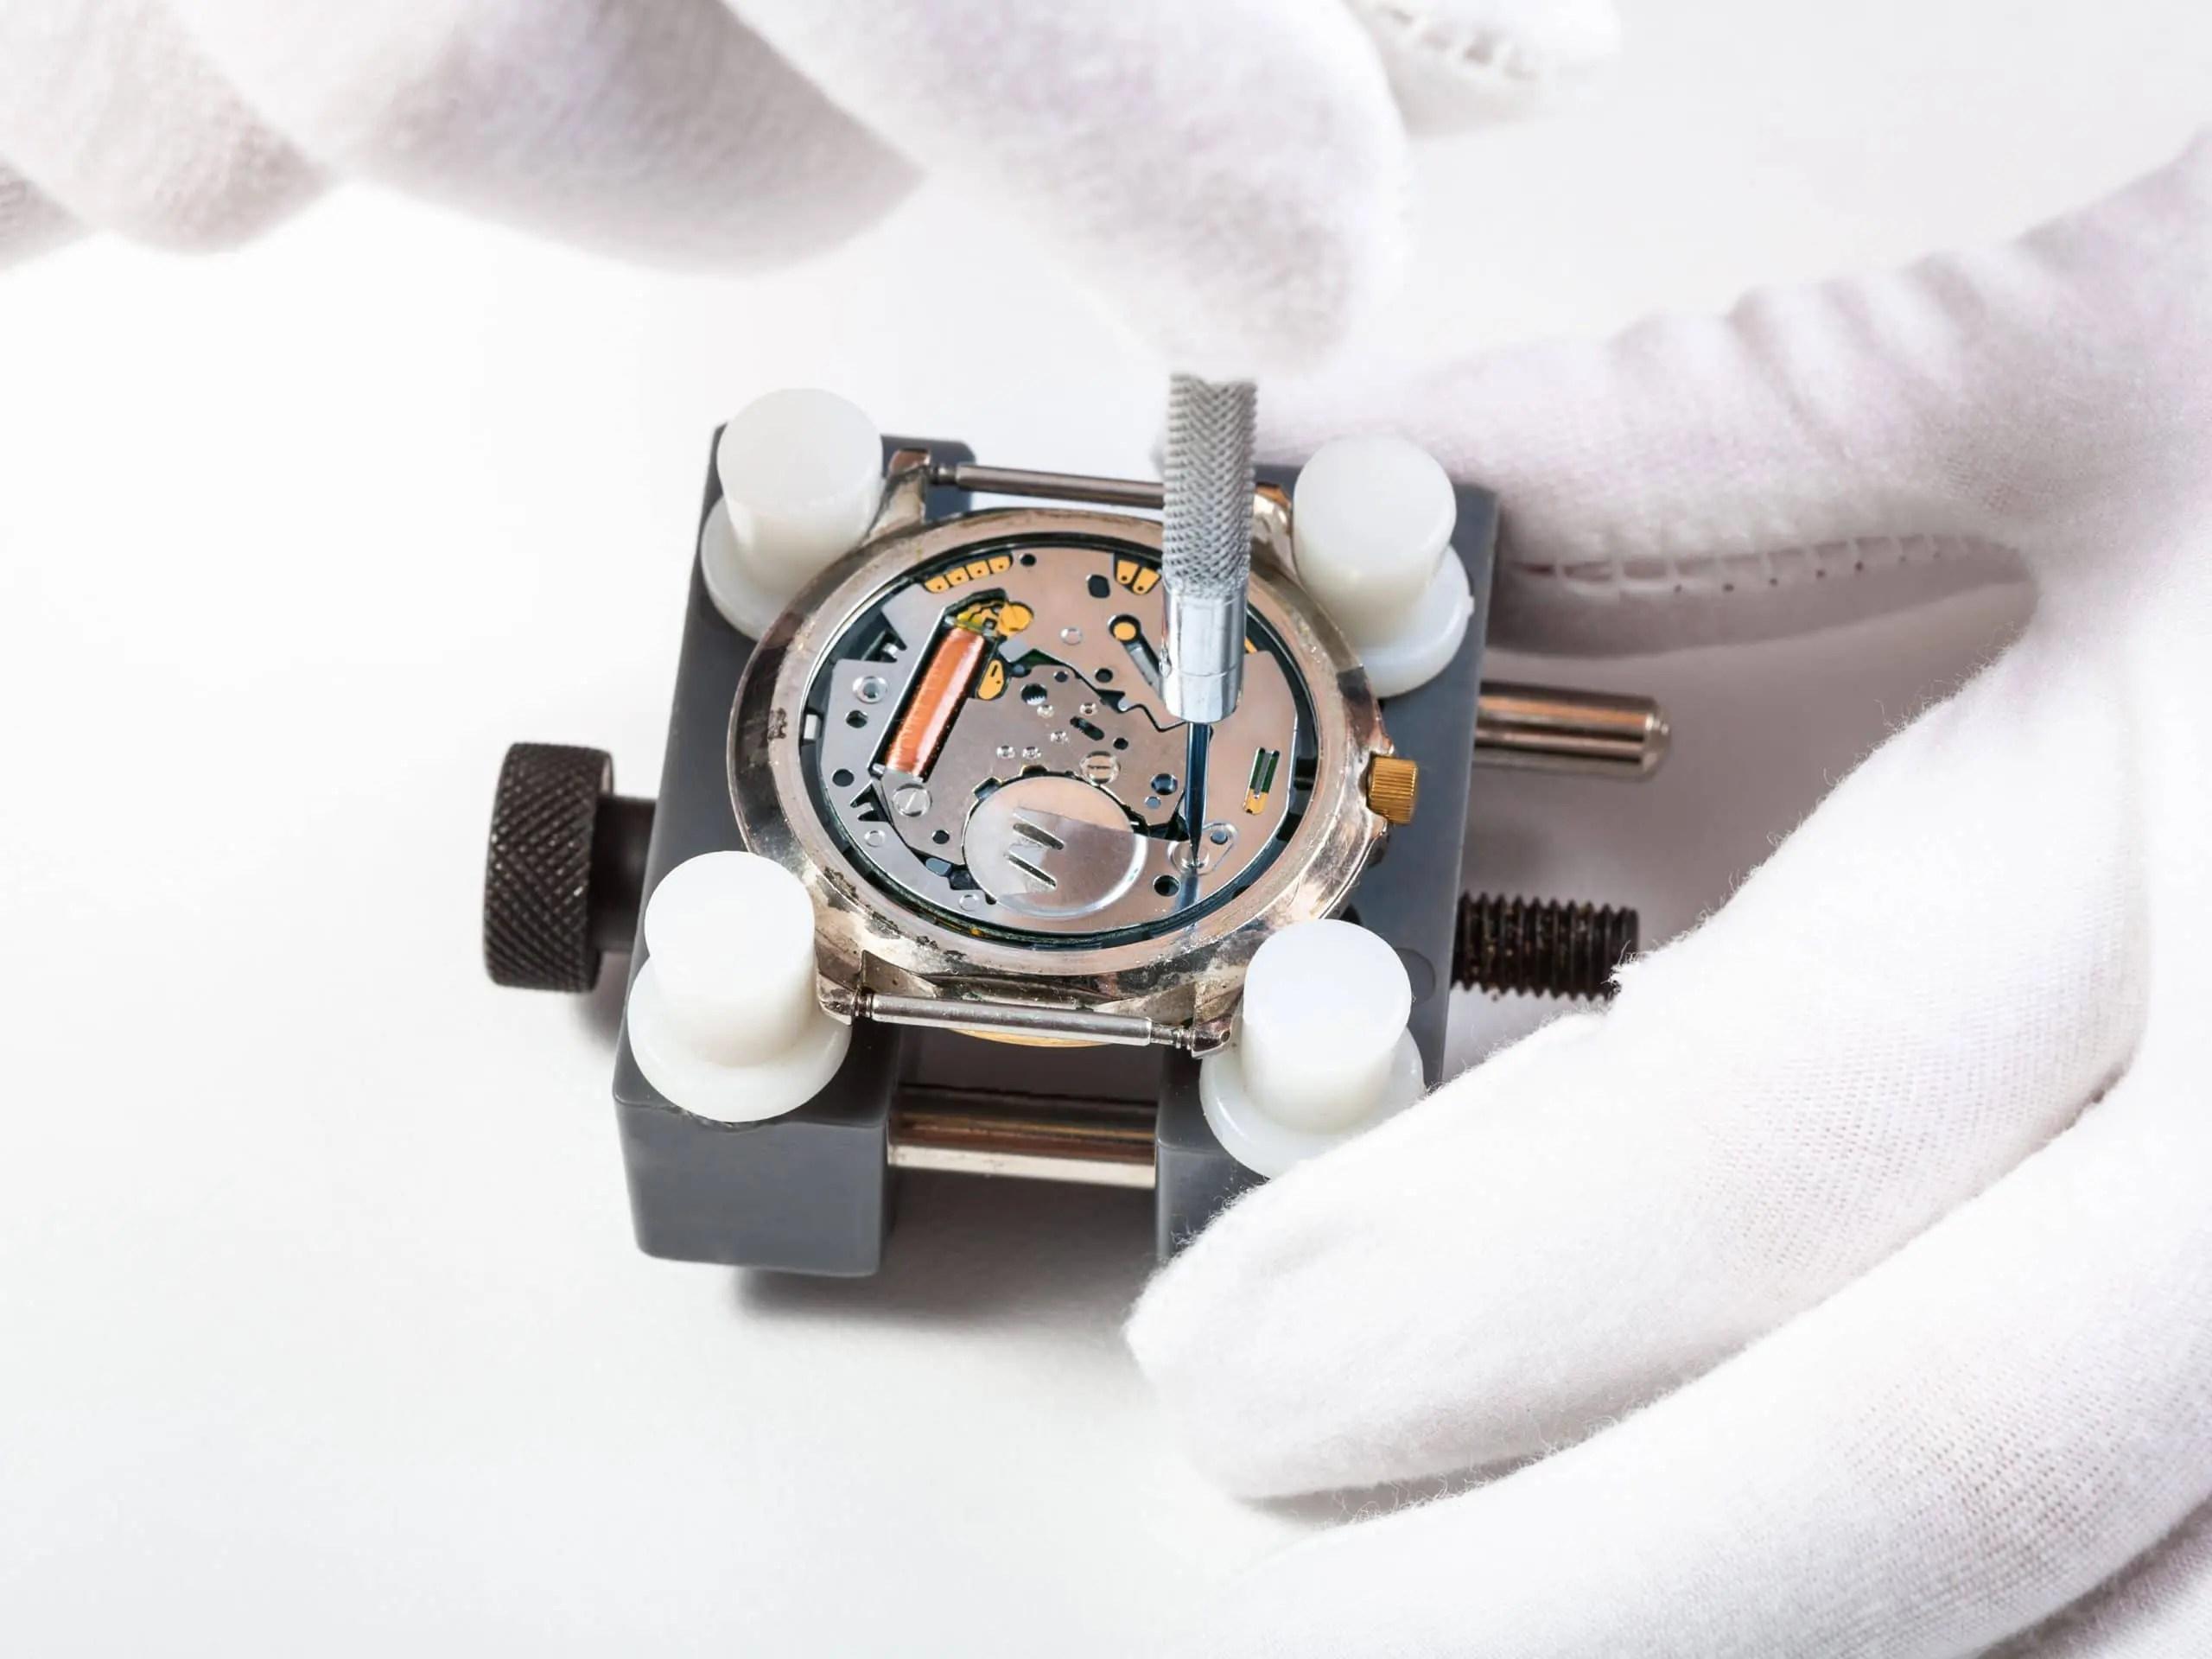 watch repair in uk